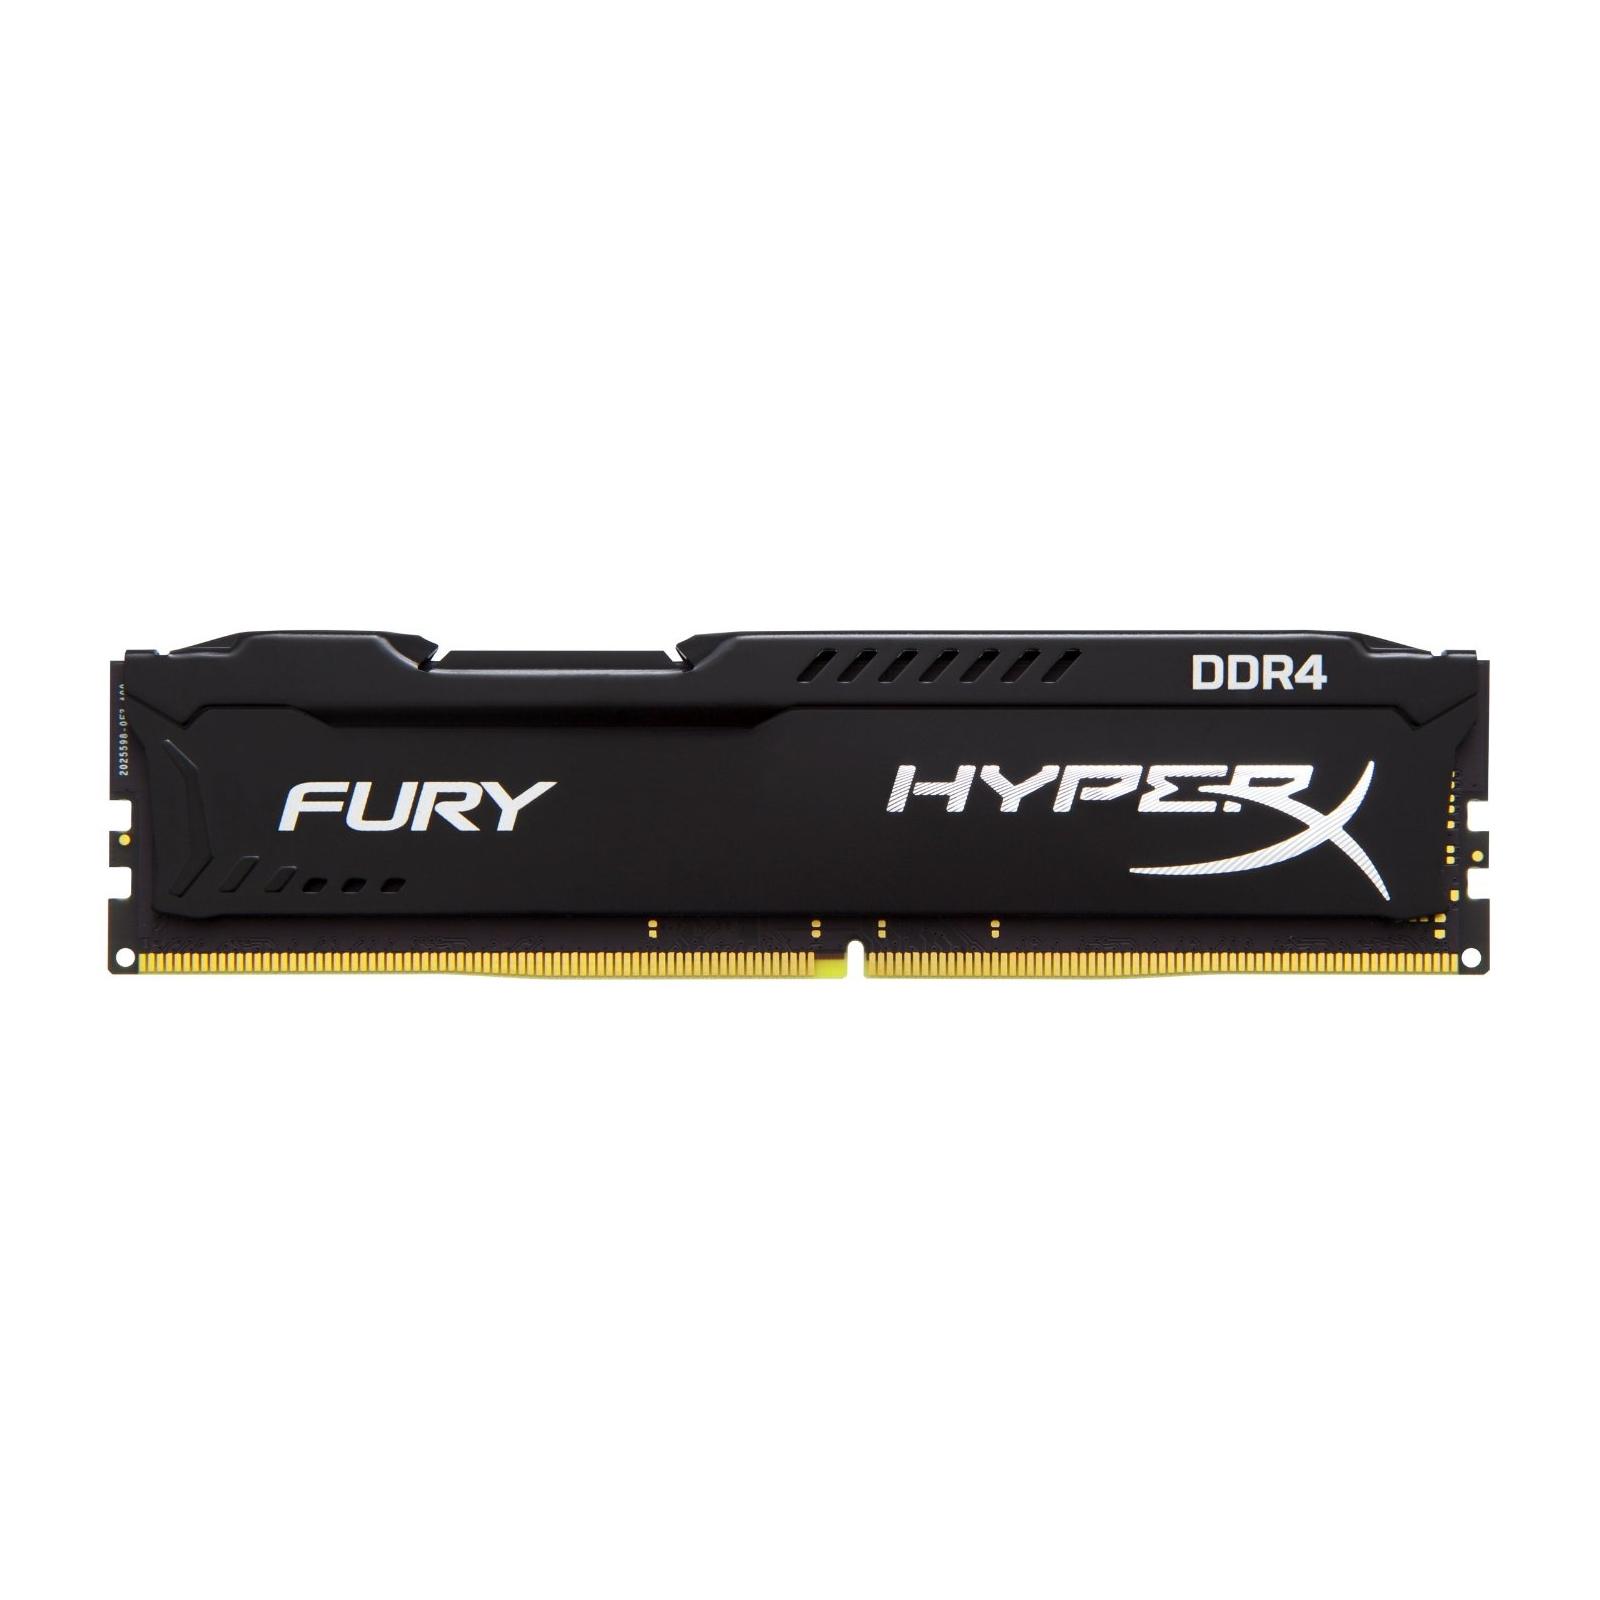 Модуль памяти для компьютера DDR4 16GB 2133 MHz Fury Blac Kingston (HX421C14FB/16)